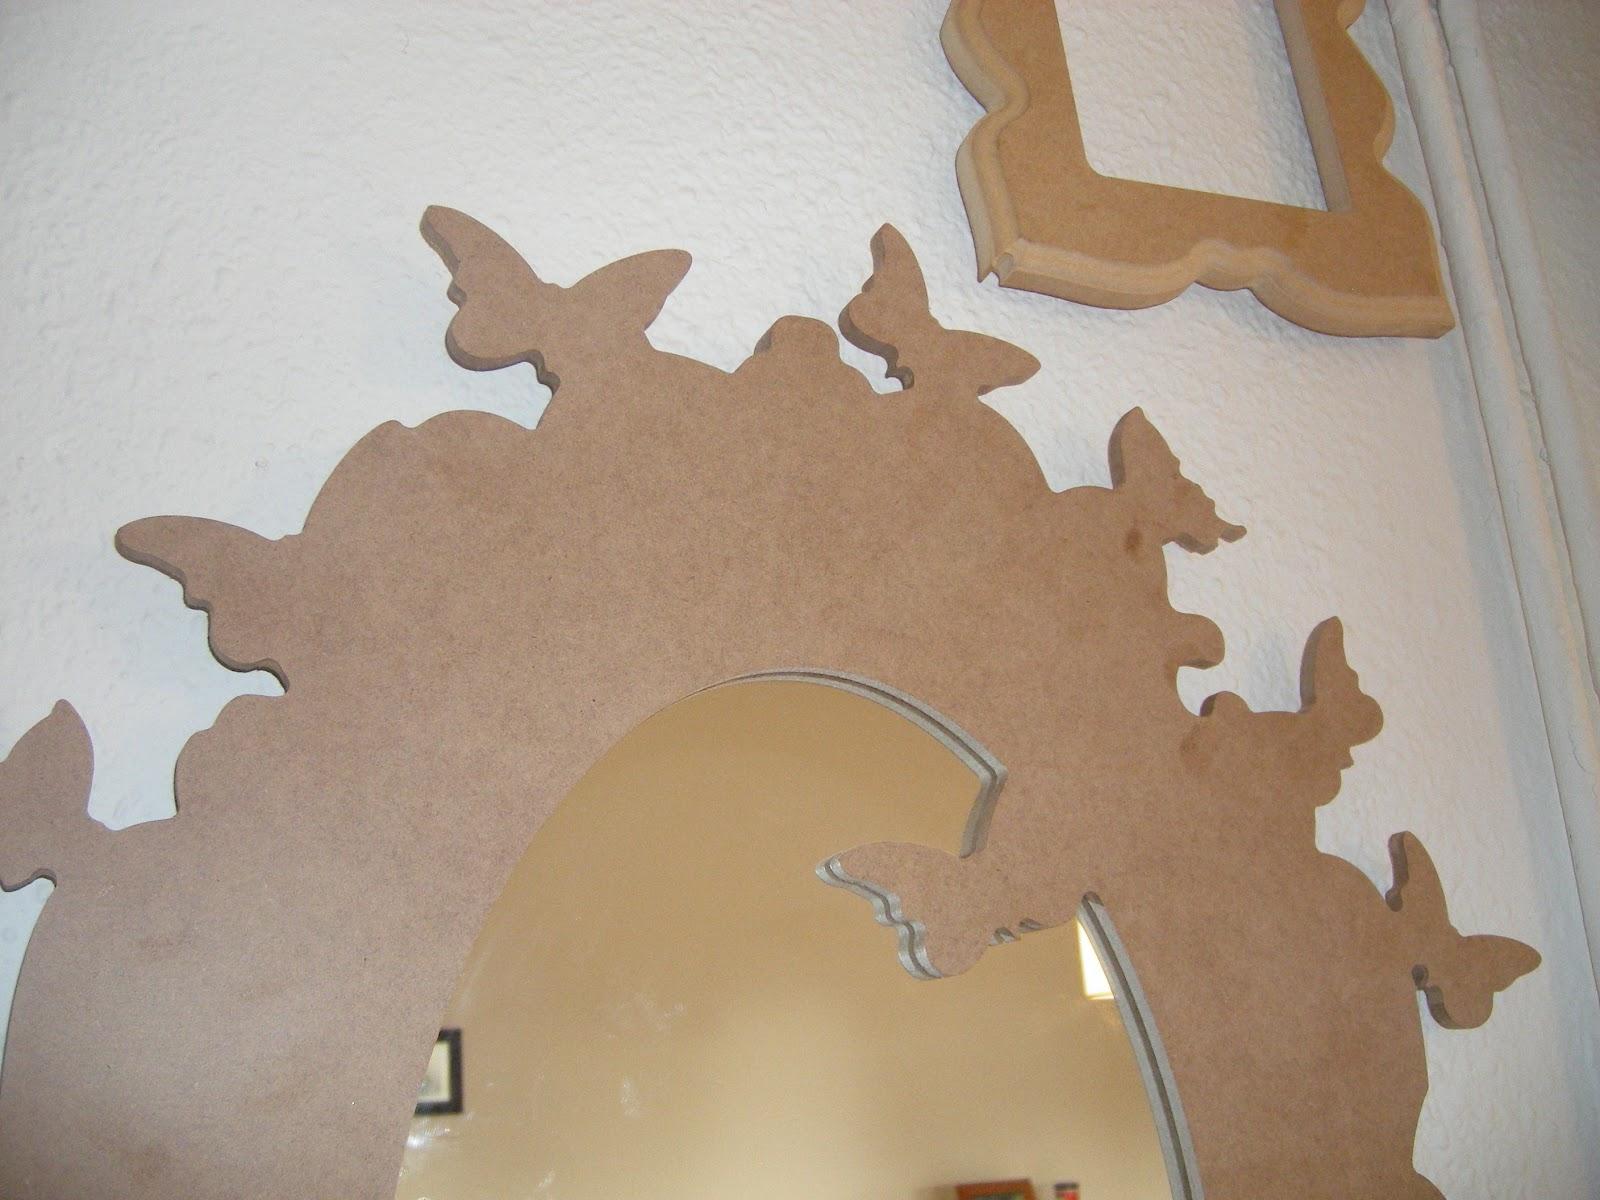 Espejos de madera antiguo vs moderno en el taller for Marcos de espejos en madera modernos